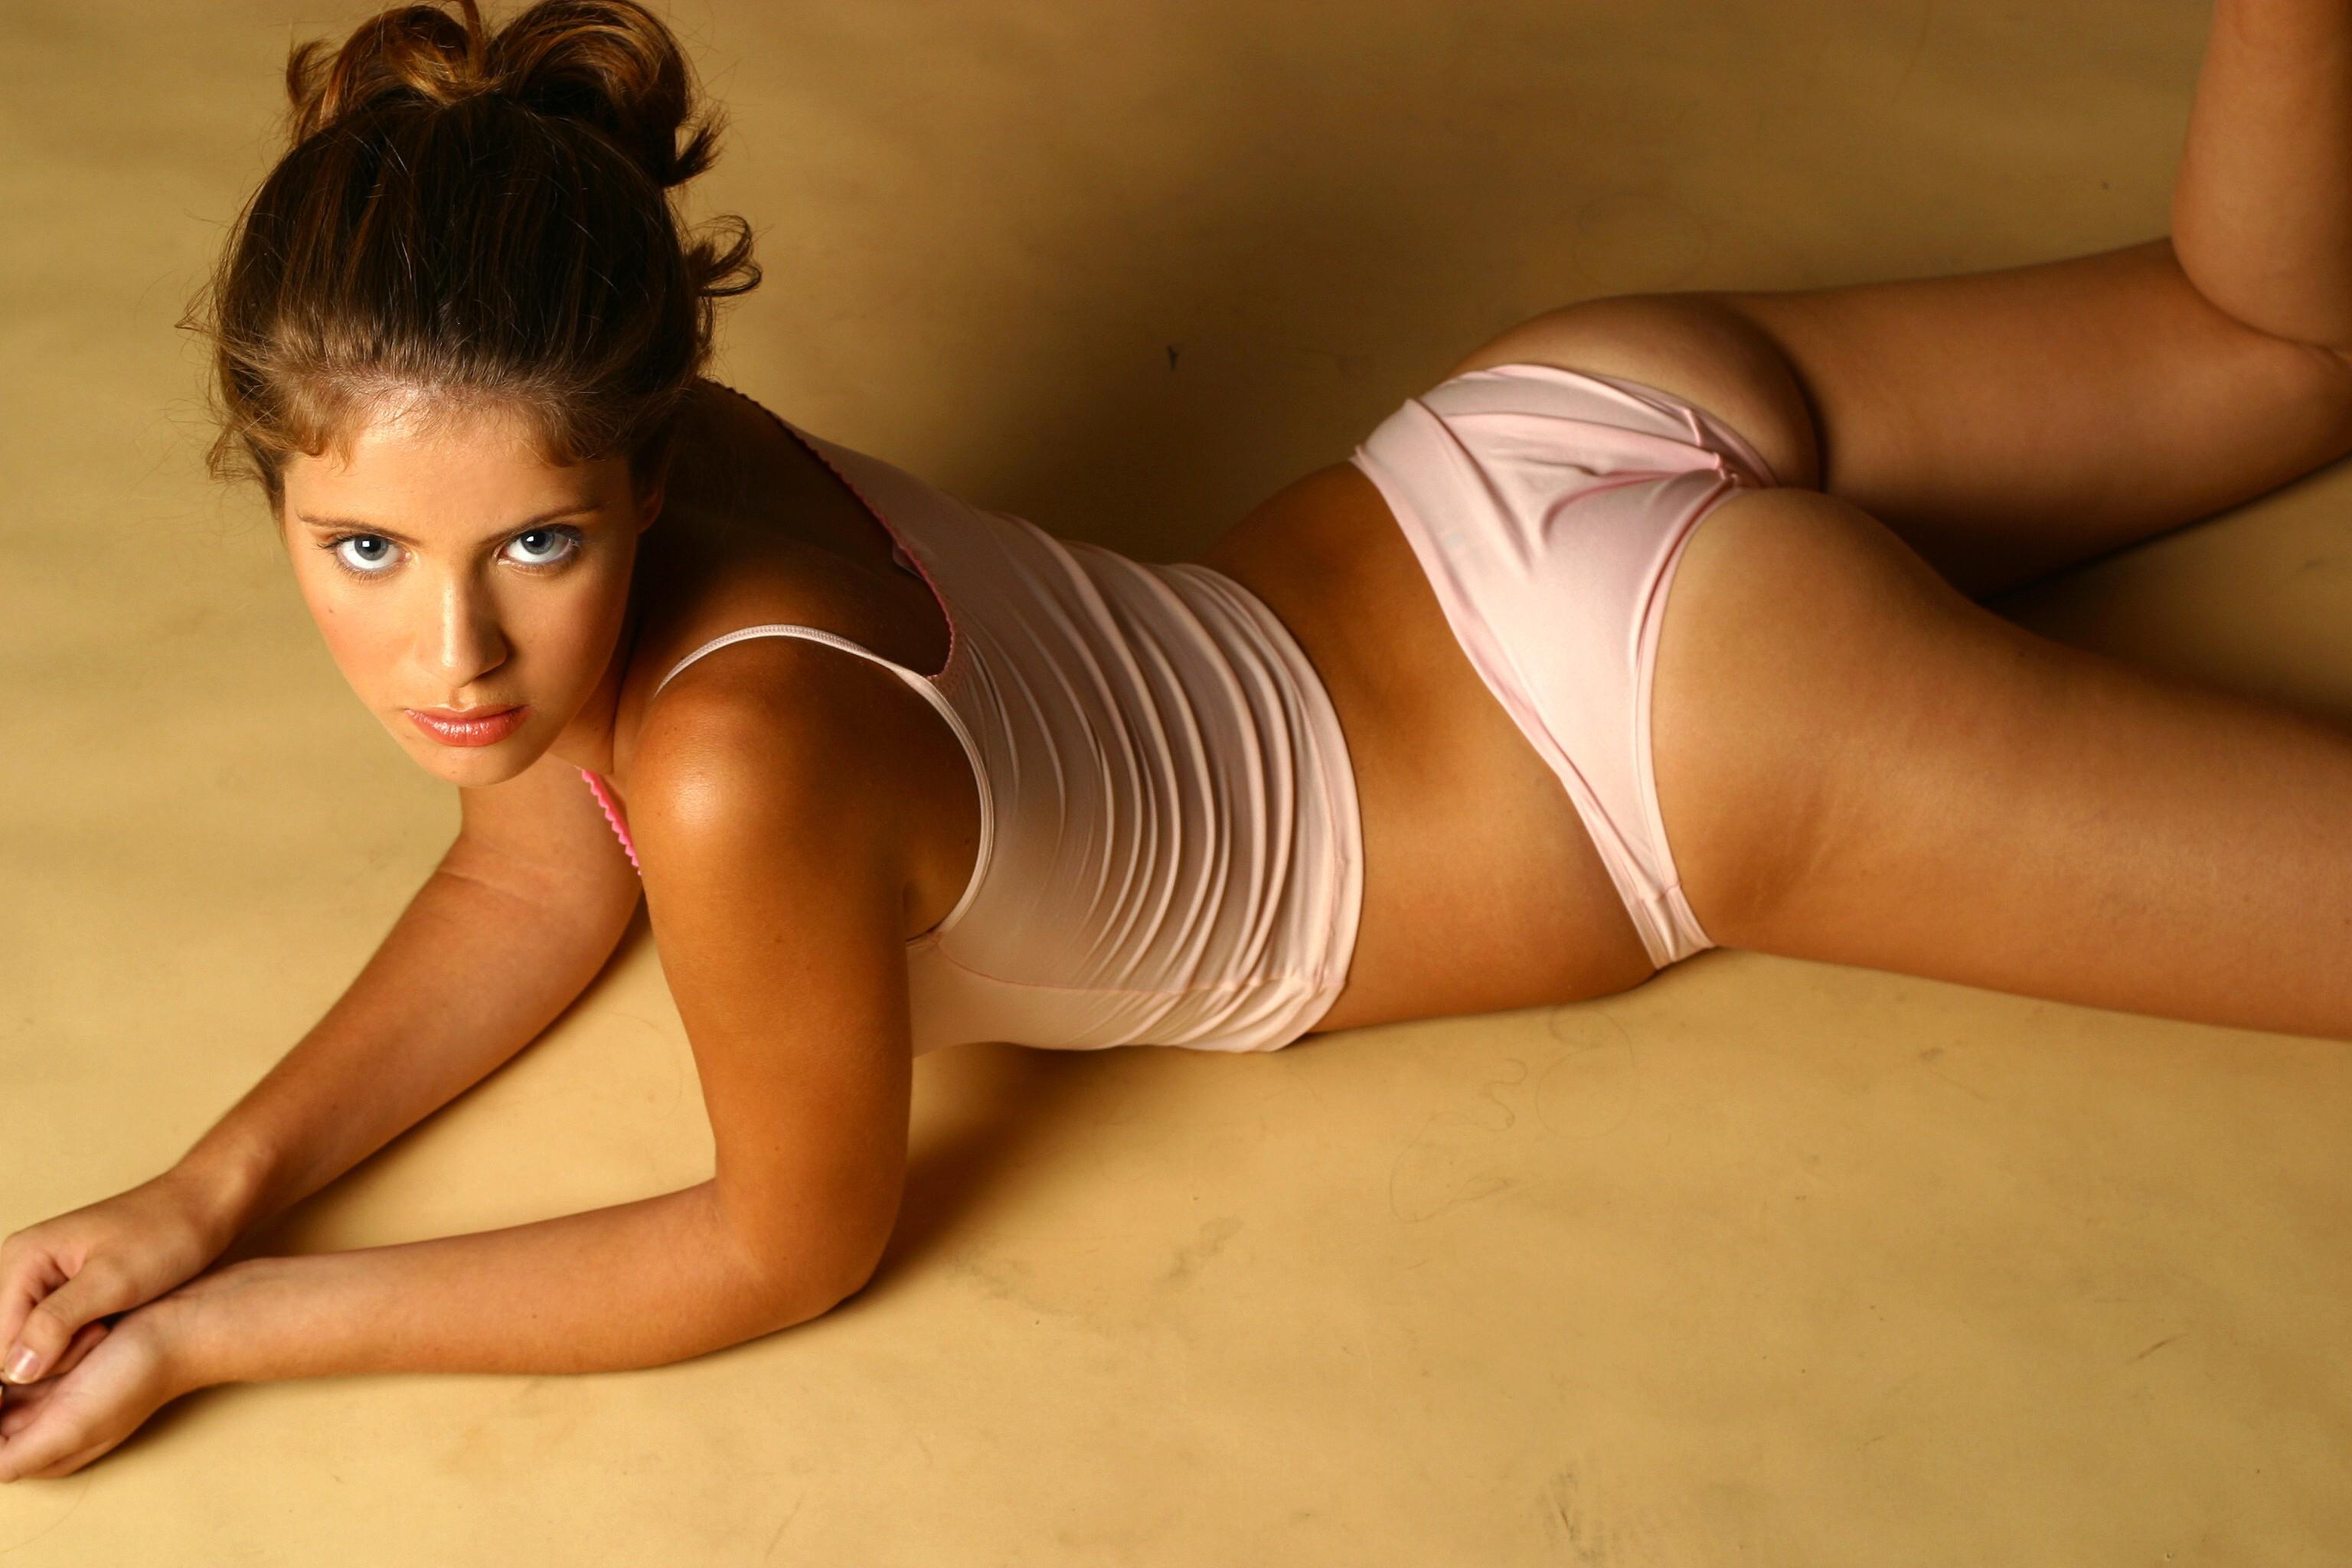 Sexyxxx w photo girls porn picture